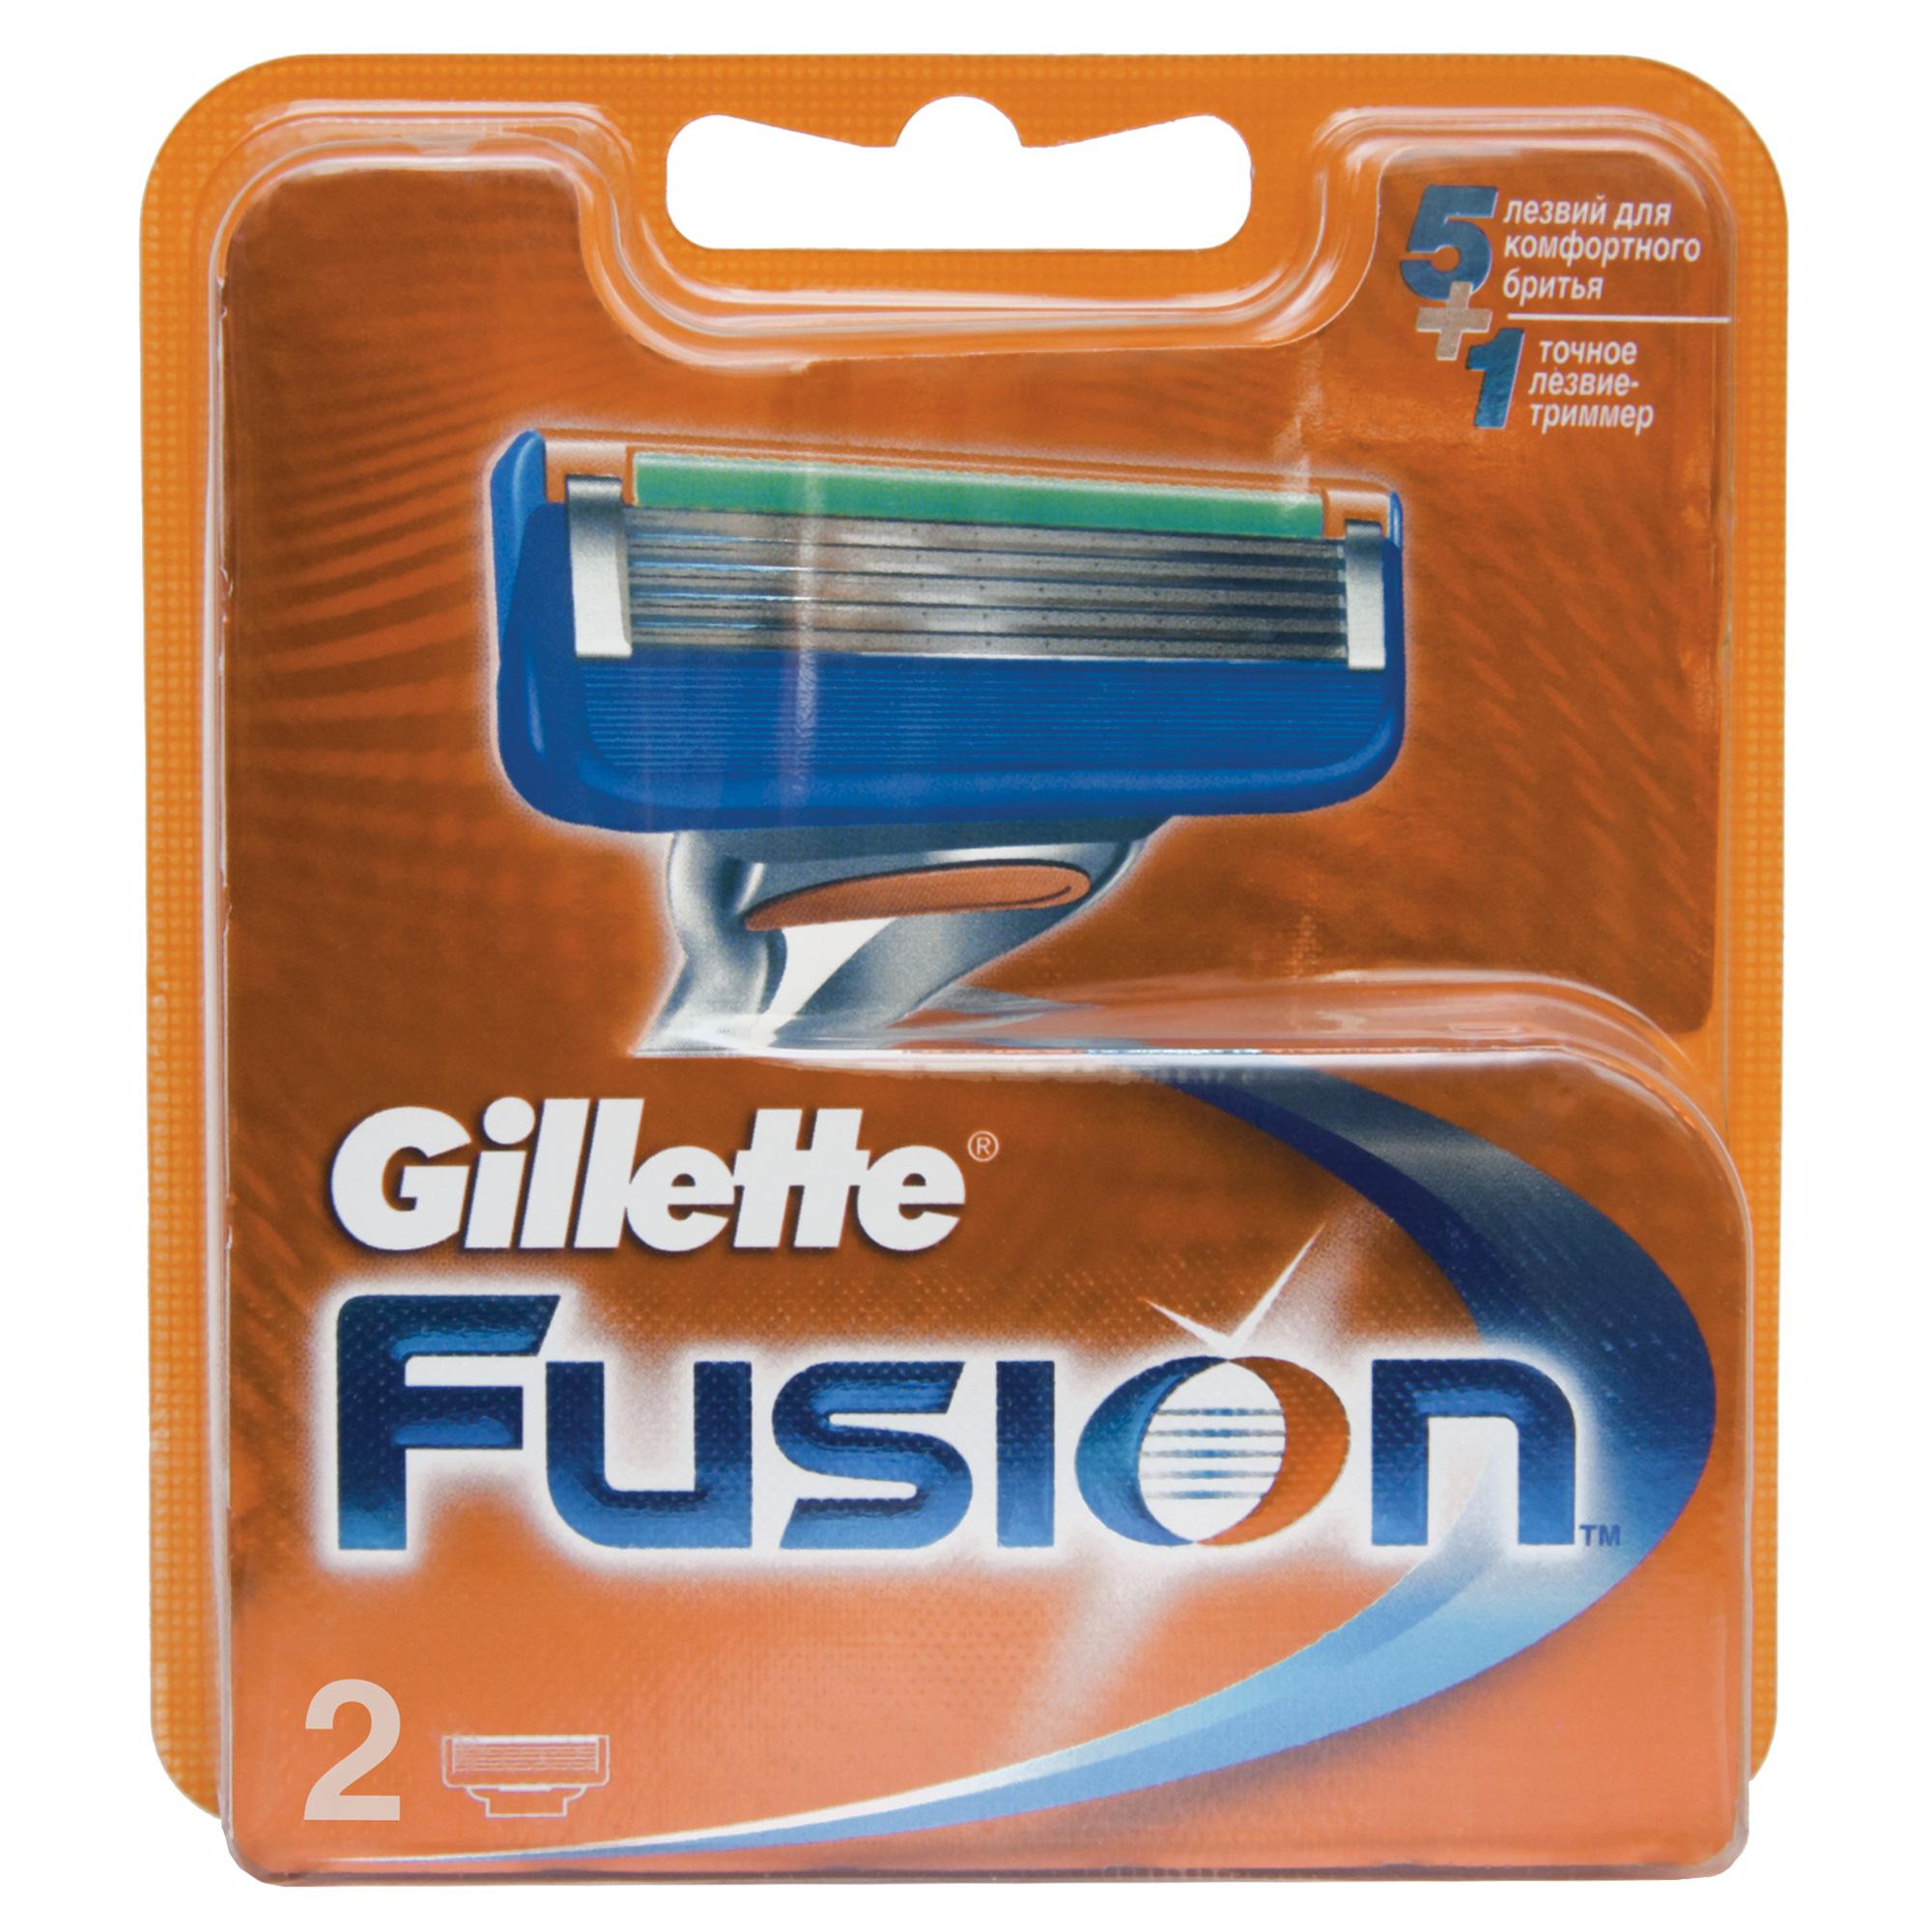 Gillette Fusion Сменные кассеты , 2 шт.GIL-81269090Комфорт пяти лезвий + точность одного лезвия-триммера. Технология 5-лезвийной бреющей поверхности: 5 лезвий PowerGlide™, расположенных ближе друг к другу, позволяют снизить давление на кожу для уменьшения раздражения и большего комфорта чем у Mach3®. 15 специальных микро гребней Fusion помогают разглаживать неровную поверхность кожи, позволяя 5 лезвиям скользить максимально гладко. Увлажняющая полоска теряет цвет, сигнализируя о необходимости сменить лезвие. Преимущества: Комфорт пяти лезвий + точность одного лезвия-триммера. Технология из 5 лезвий обеспечивает меньшее давление на кожу по сравнению с бритвами Mach 3. Улучшенная увлажняющая полоска обеспечивает еще более плавное скольжение картриджа по поверхности кожи по сравнению с бритвами Mach 3. Лезвие-триммер оптимизирует бритье на сложных участках, таких как виски, область под носом и шея.